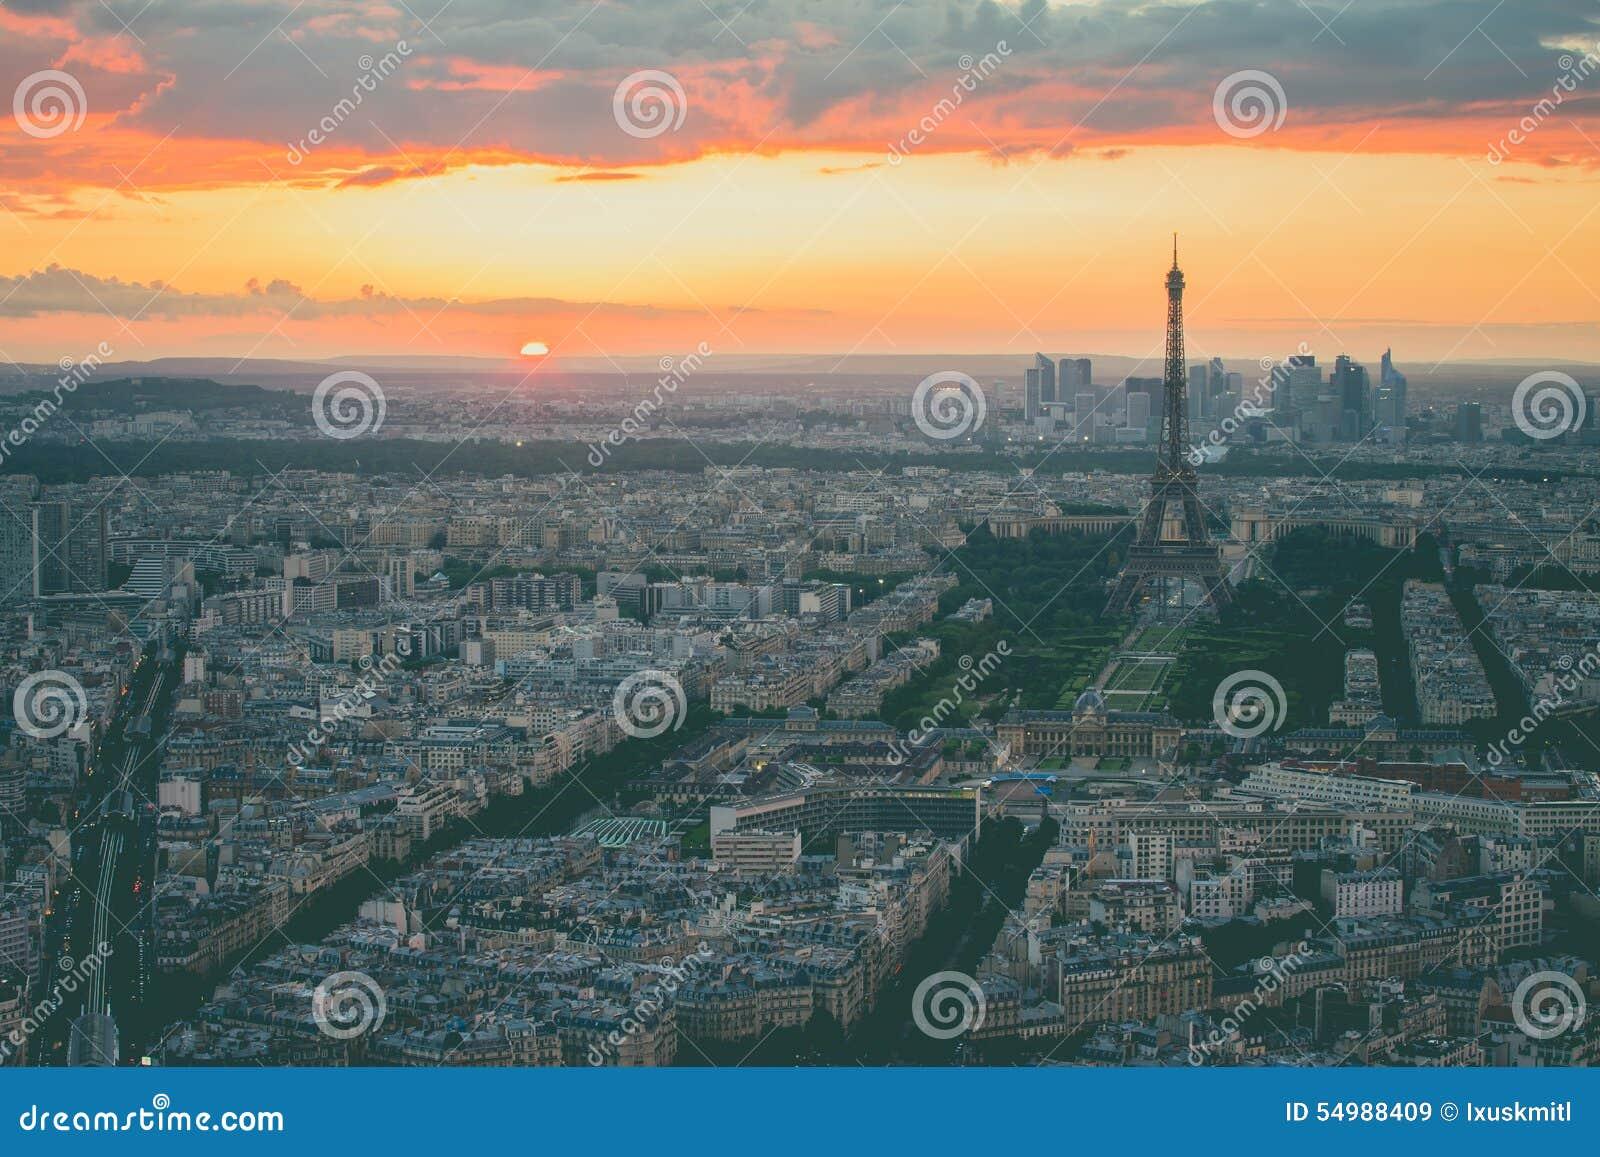 El paisaje urbano con la torre Eiffel en París, Francia